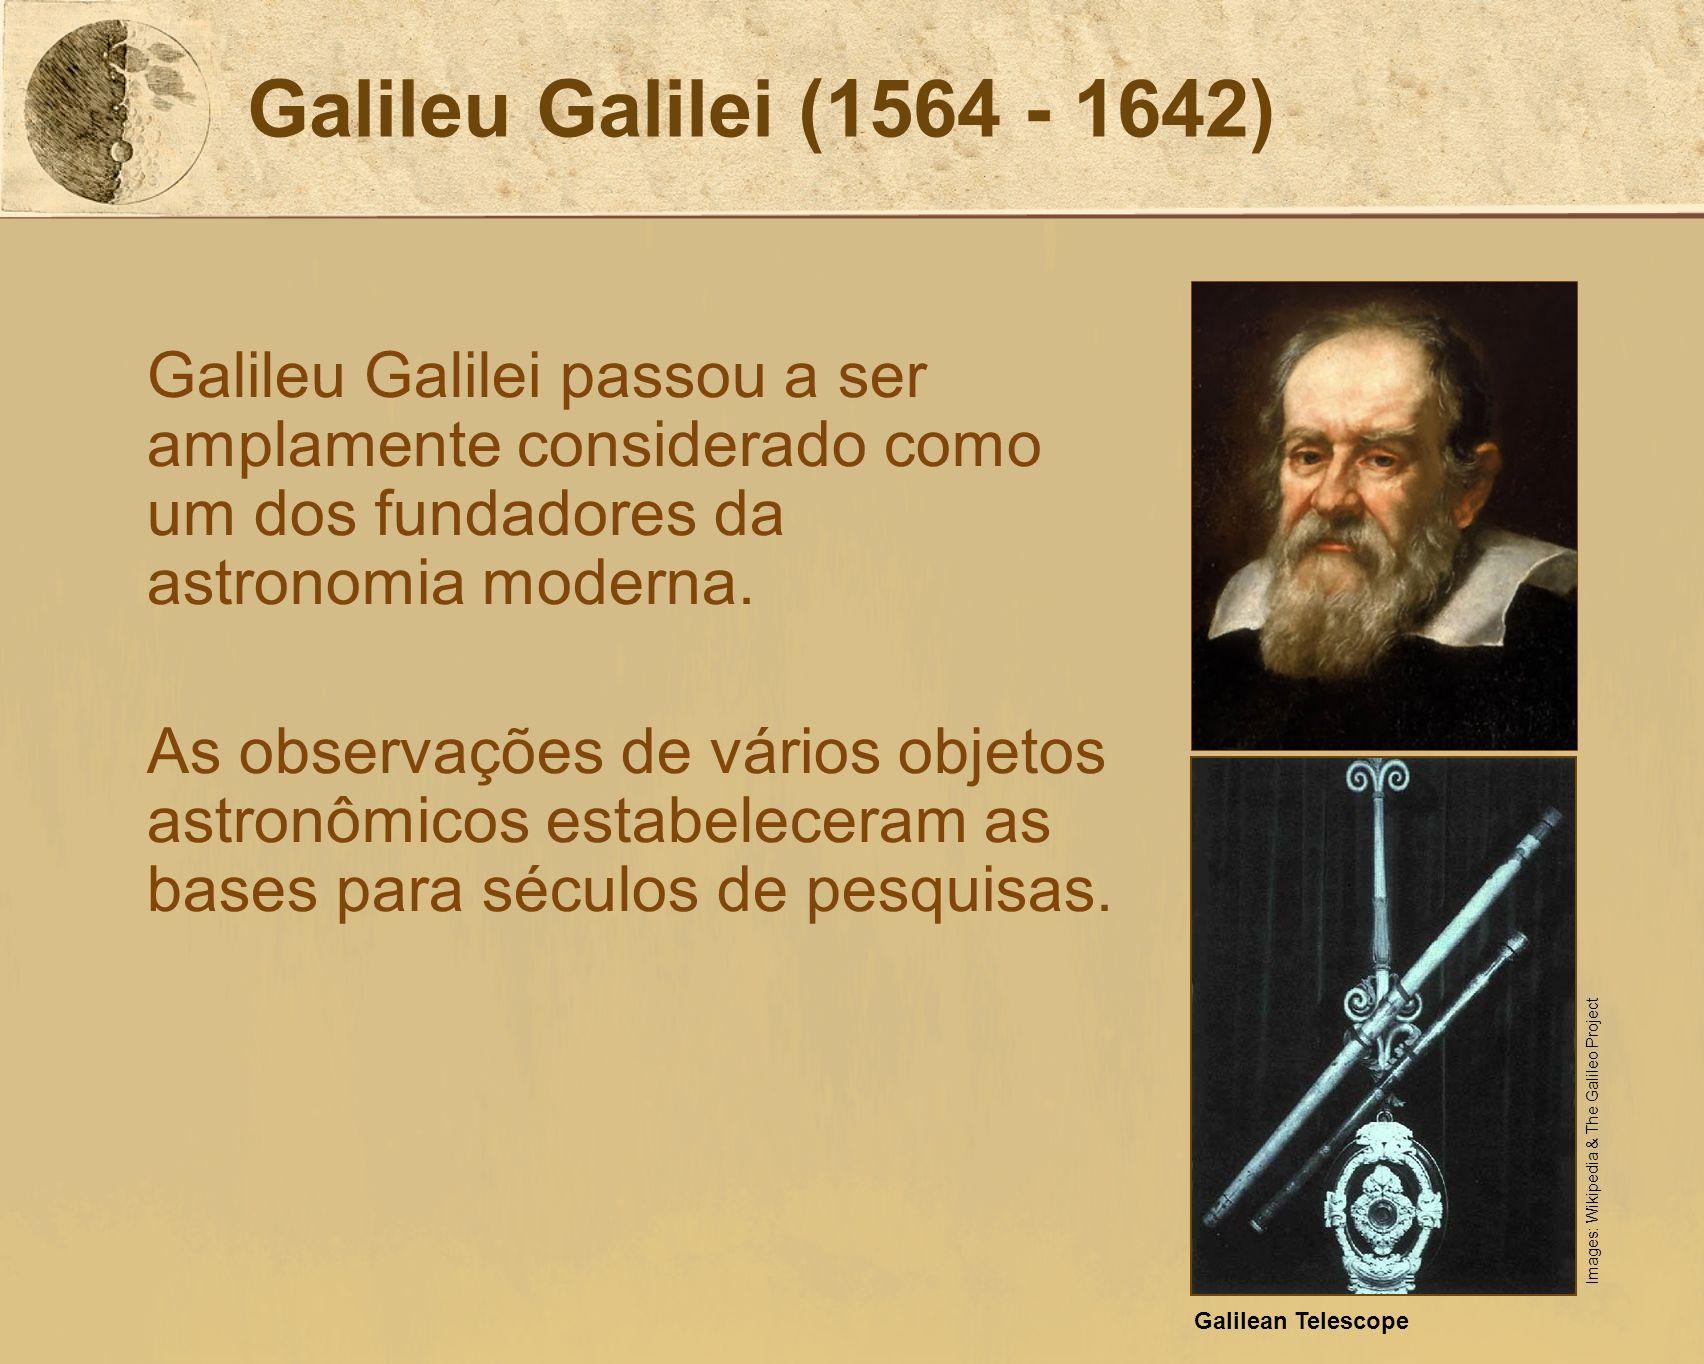 Galileu Galilei (1564 - 1642)Galileu Galilei passou a ser amplamente considerado como um dos fundadores da astronomia moderna.